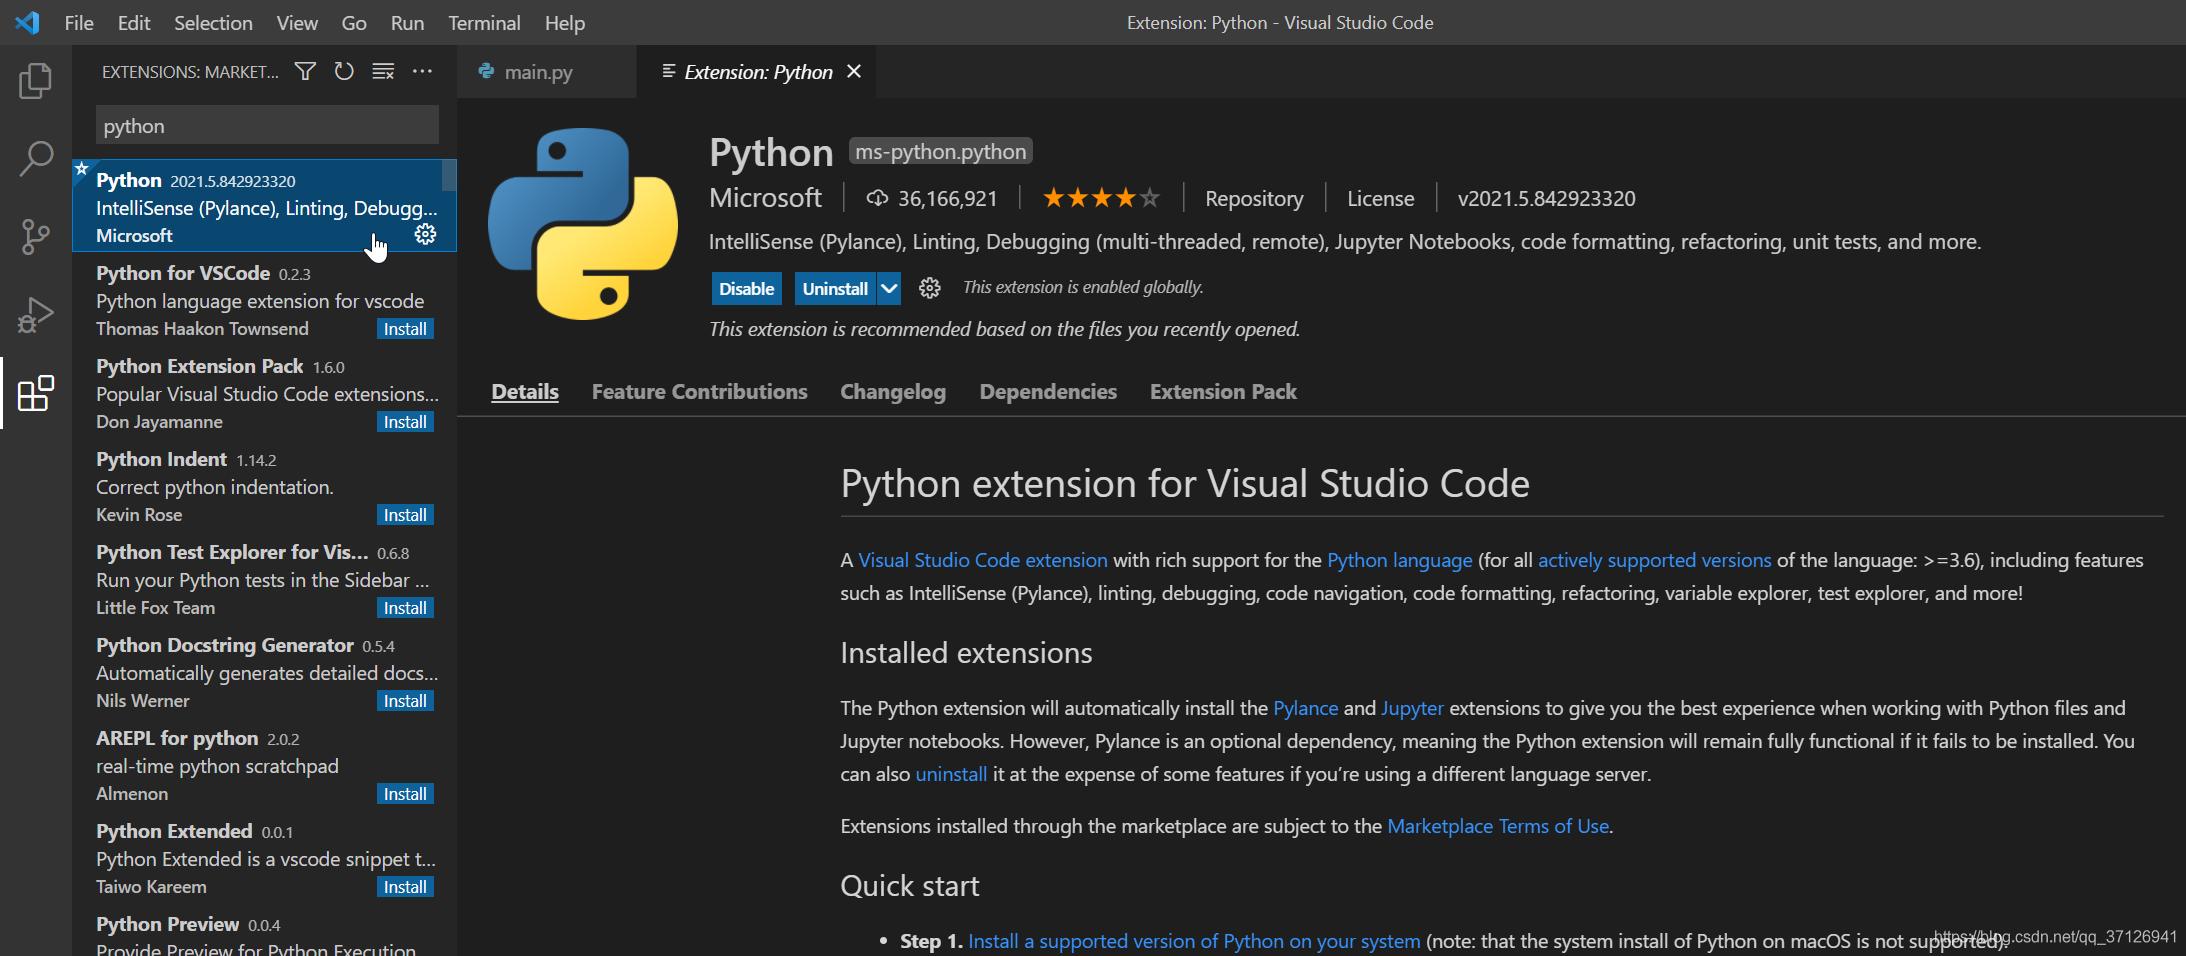 Python4VSCode